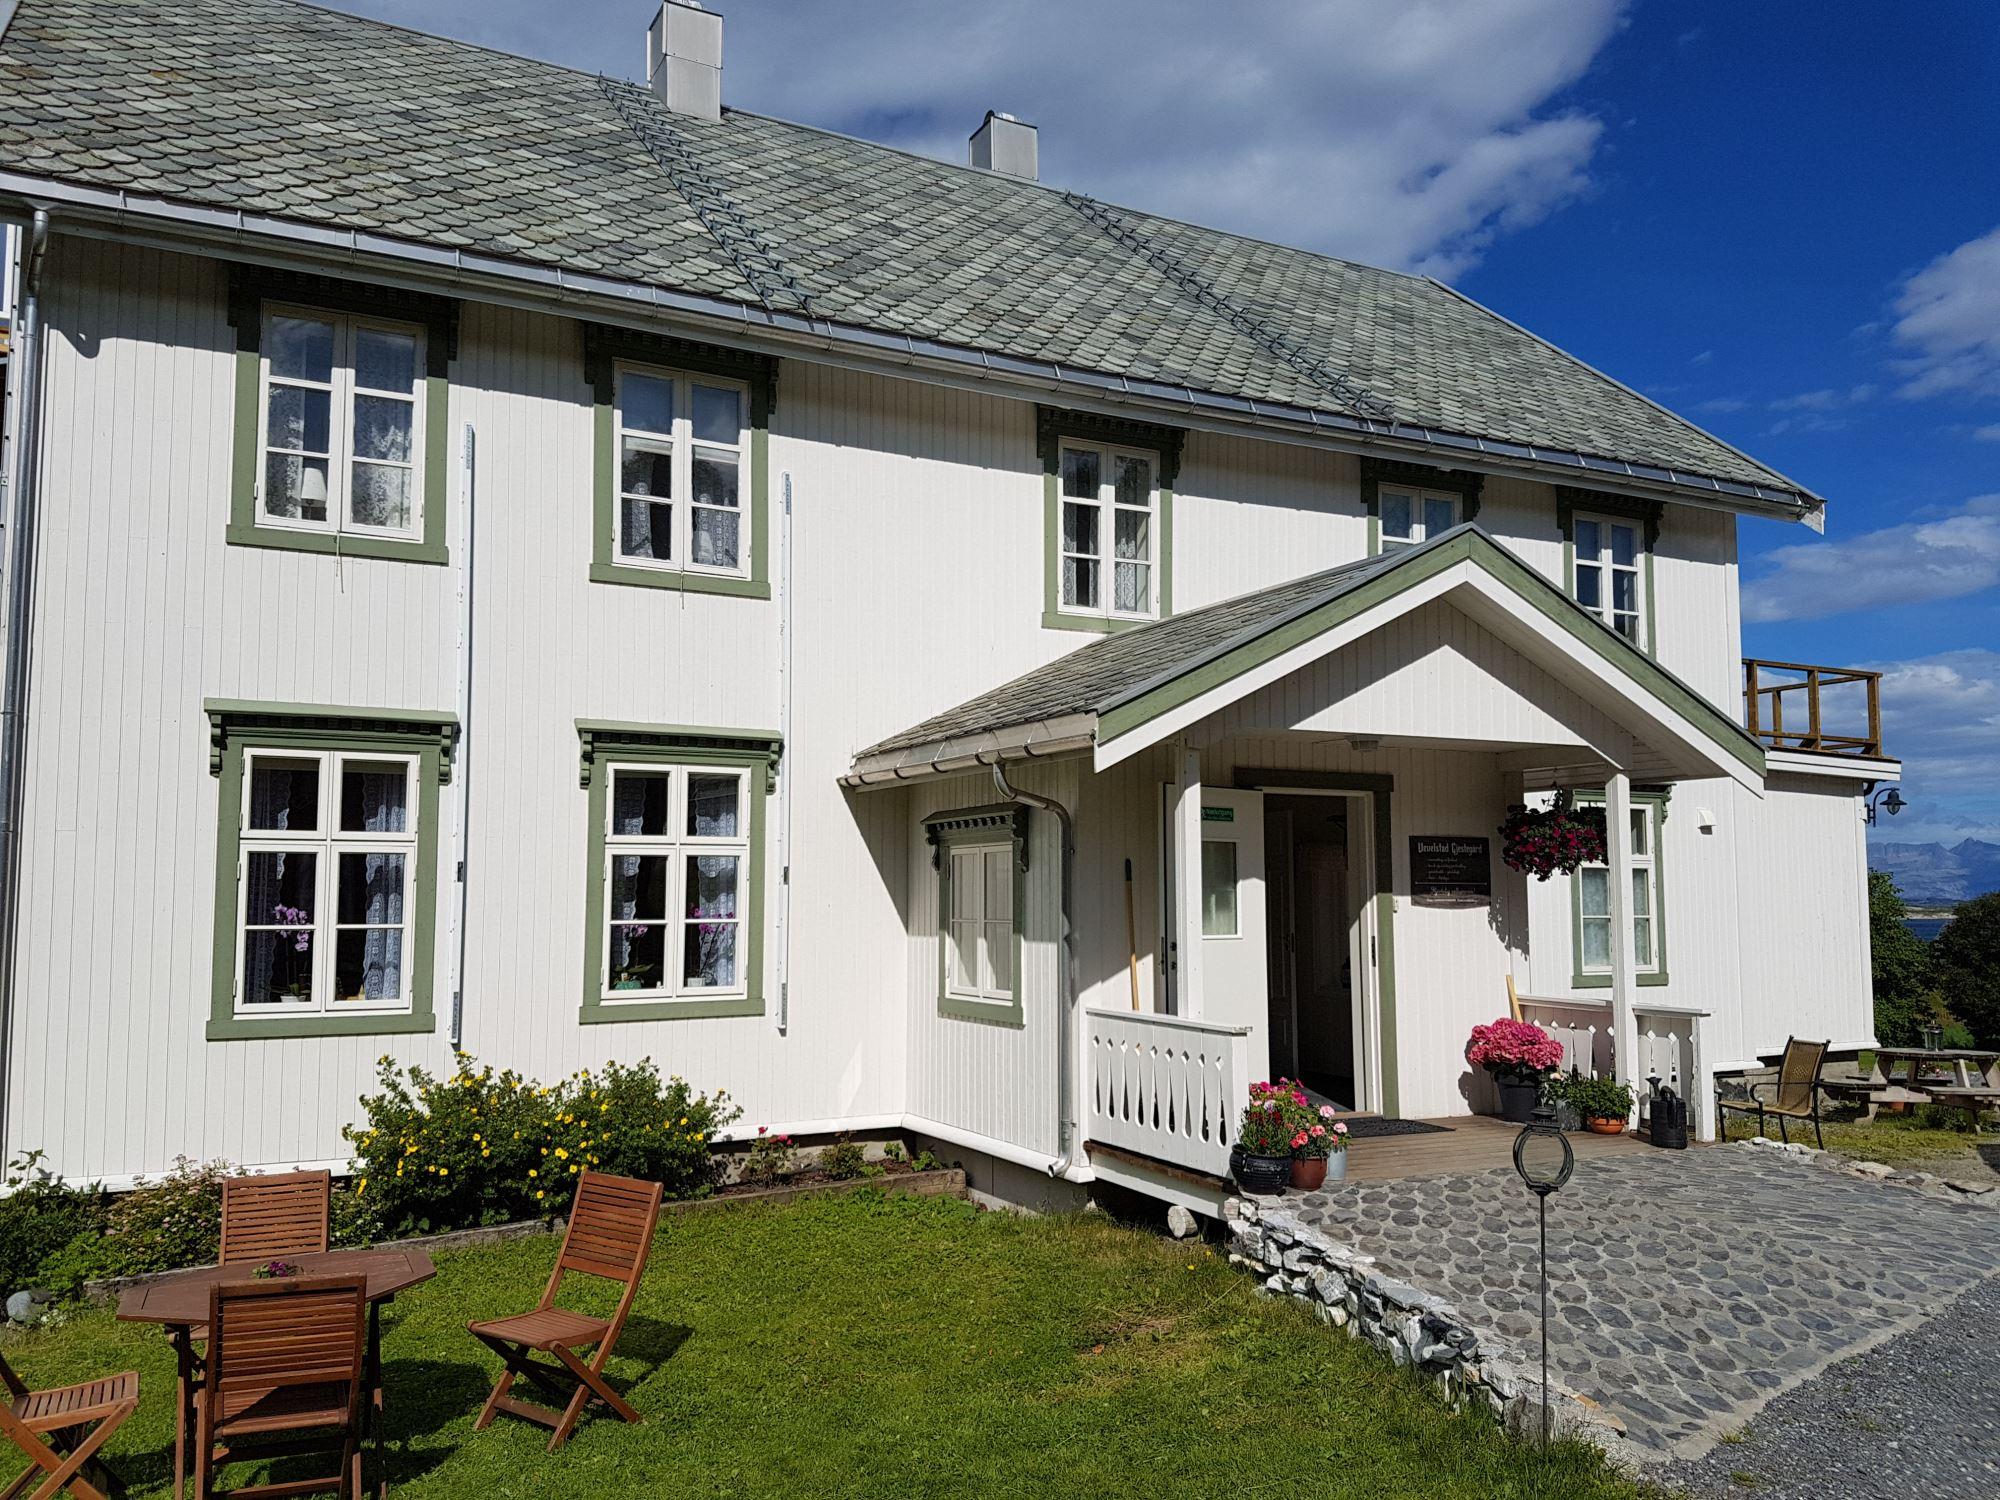 Vevelstad Guesthouse